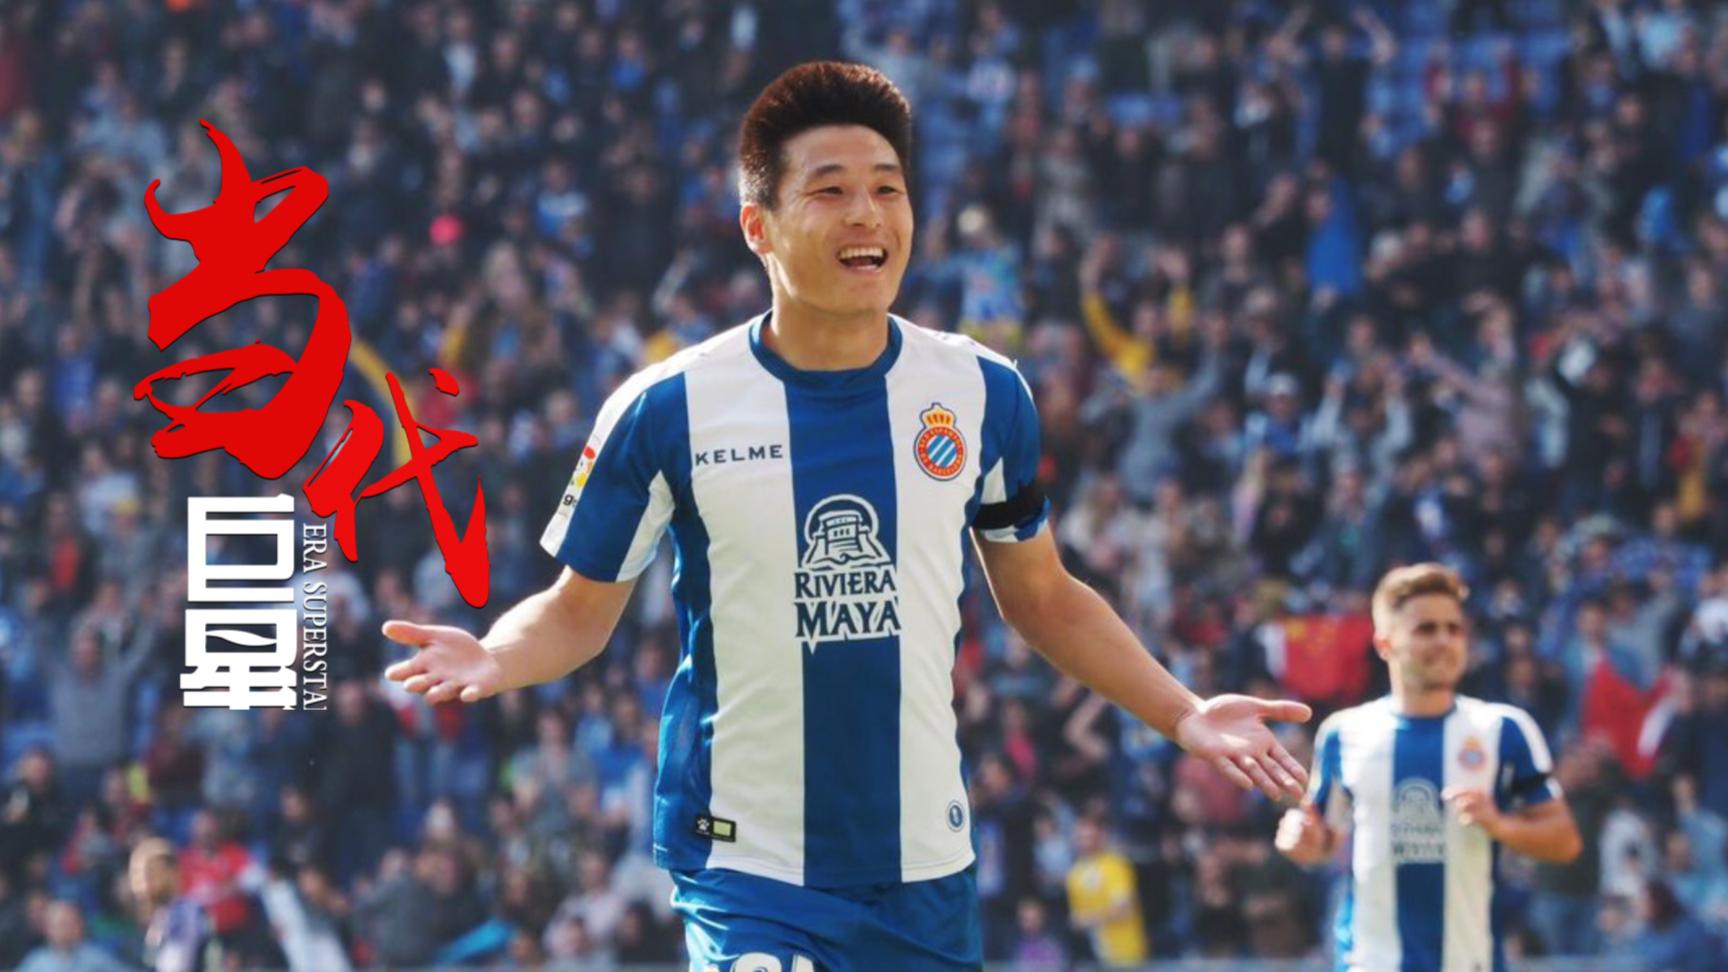 """【当代巨星】""""全村希望""""还是""""加泰球王"""",武磊是否已成为中国足球最后的颜面?"""